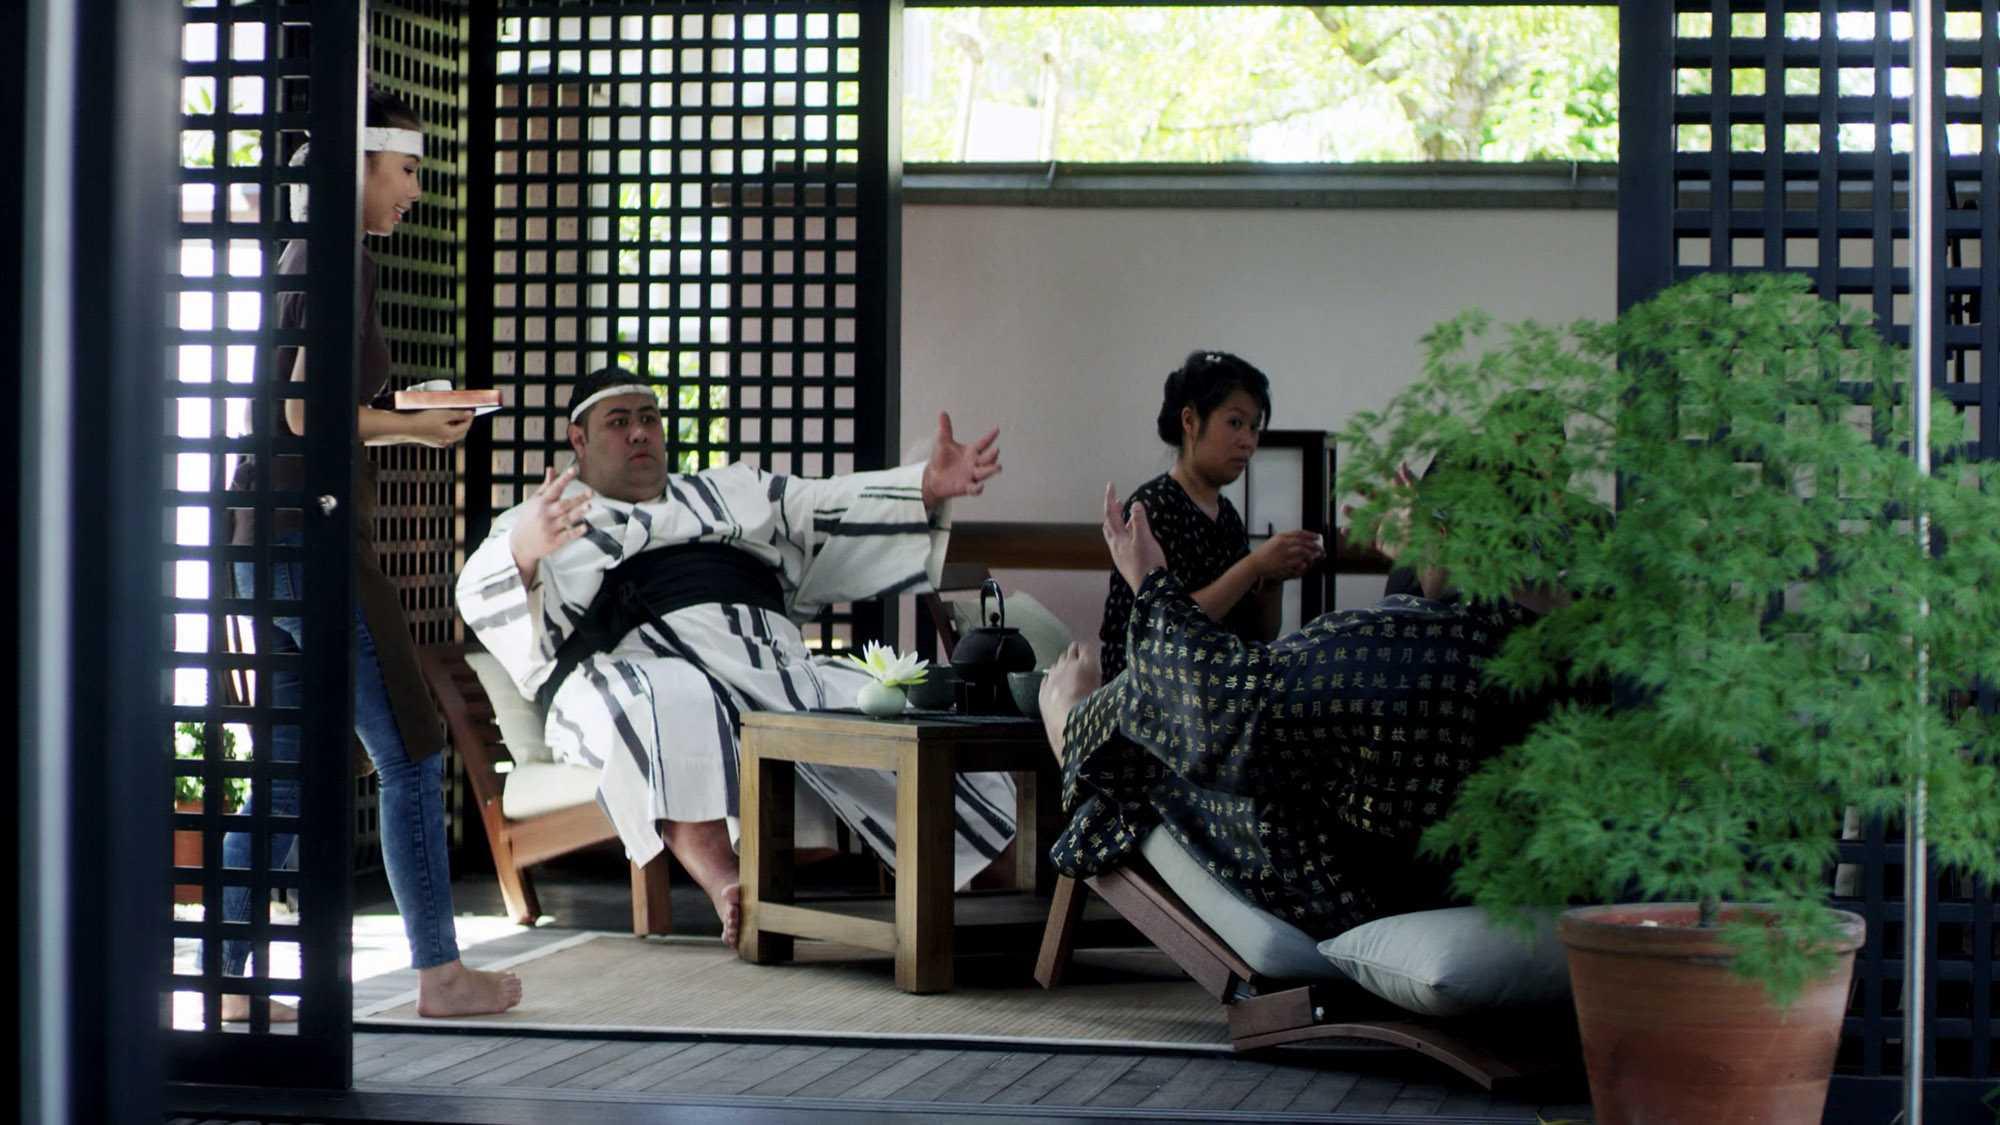 """Das Bild zeigt zwei Sumos, die auf Sesseln sitzen. Sie sitzen in einem Raum. Dieser ist durch japanische Trennwände abgestellt. Neben ihnen, auf der rechten Seite, sitzt eine Frau. Links von ihnen steht eine Frau. Sie hält etwas in der Hand. Es sieht aus, als würde sie die beiden bedienen. Das Bild dient als Sliderbild für den Portfolioeintrag """"BMW Connected Drive Sumos"""" von Panda Pictures."""